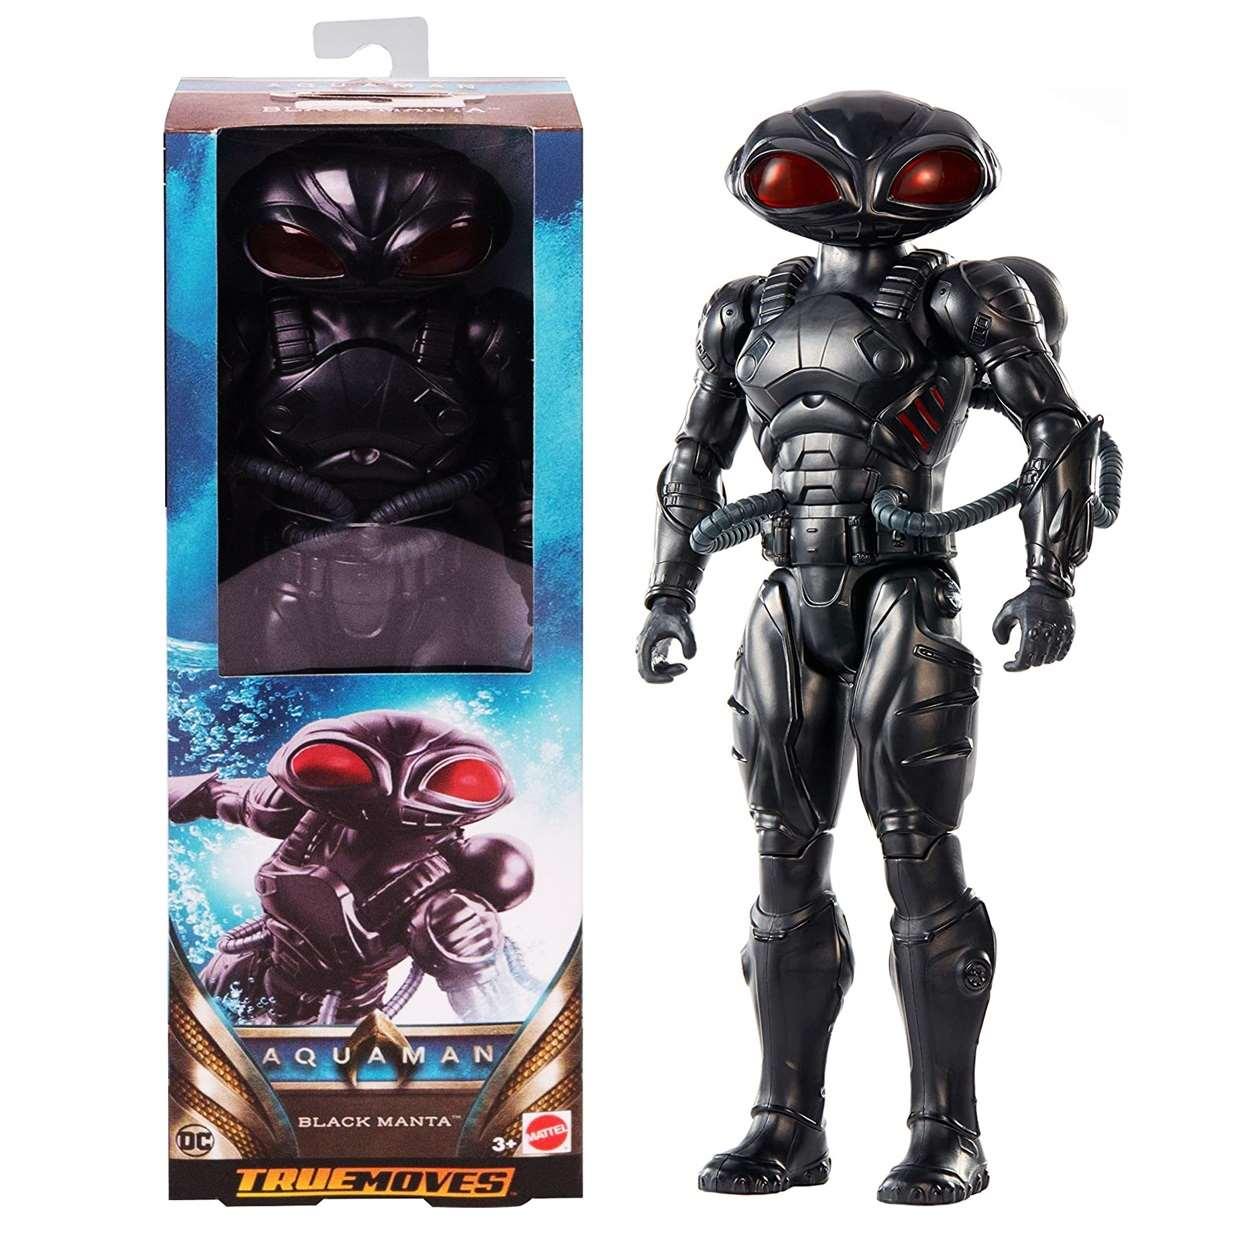 Black Manta Figura Dc Aquaman True Moves Mattel 12 PuLG